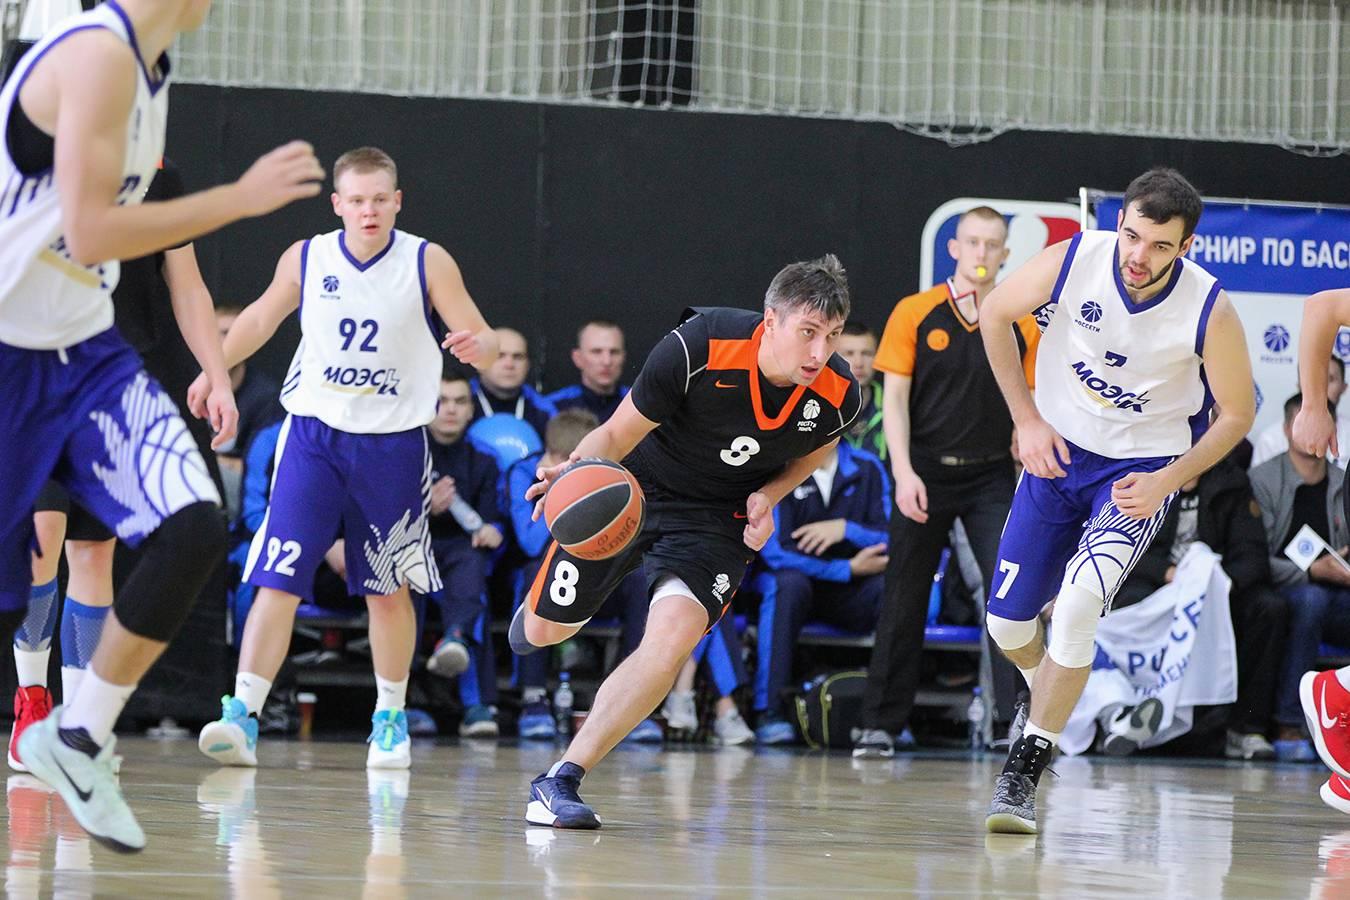 В Тюмени завершился баскетбольный турнир группы компаний «Россети»